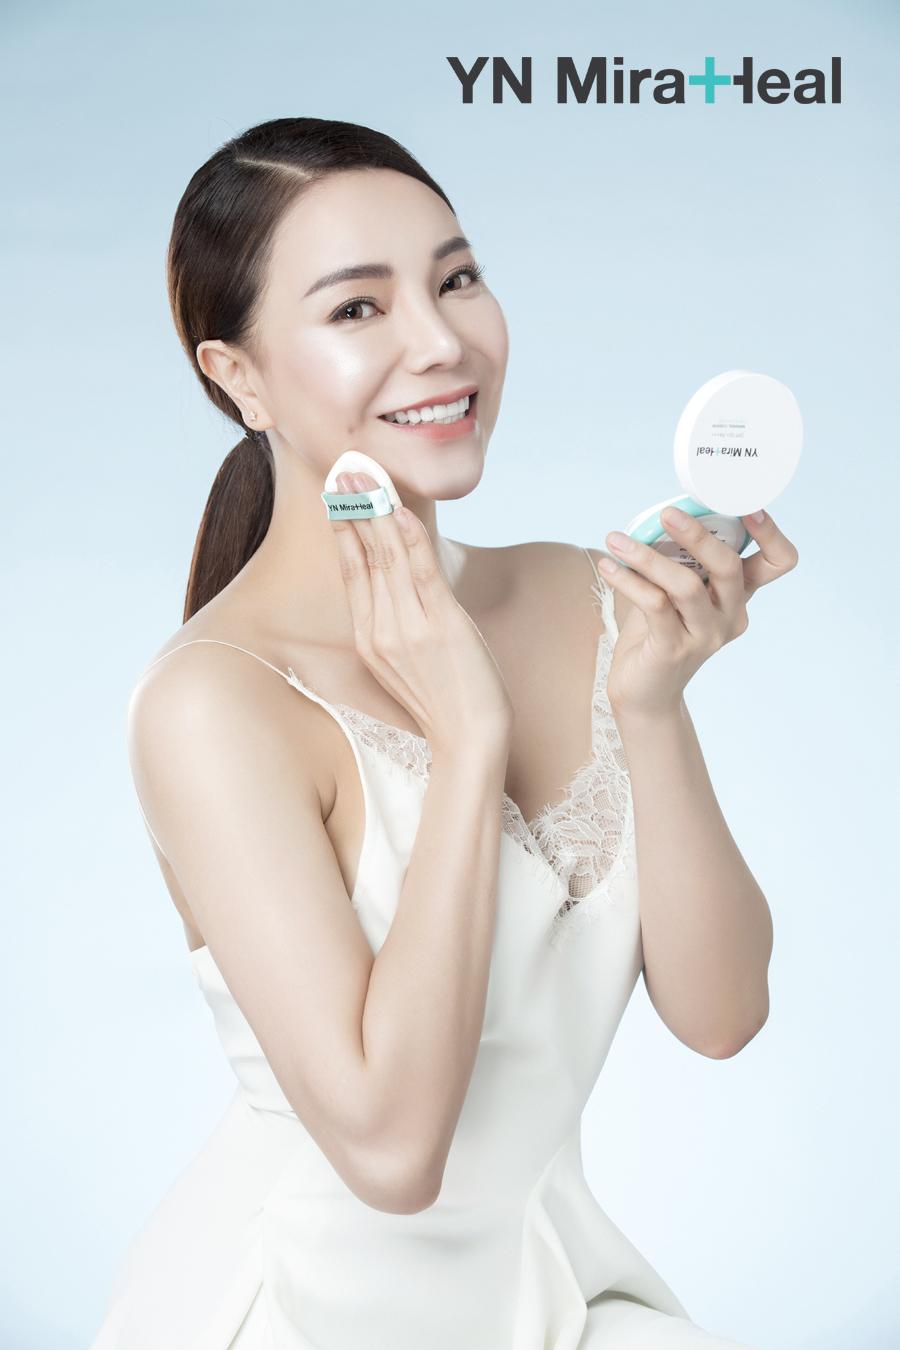 Cushion cho da nhạy cảm tốt nhất YN Miraheal Cushion - phấn nước dược mỹ phẩm Hàn Quốc